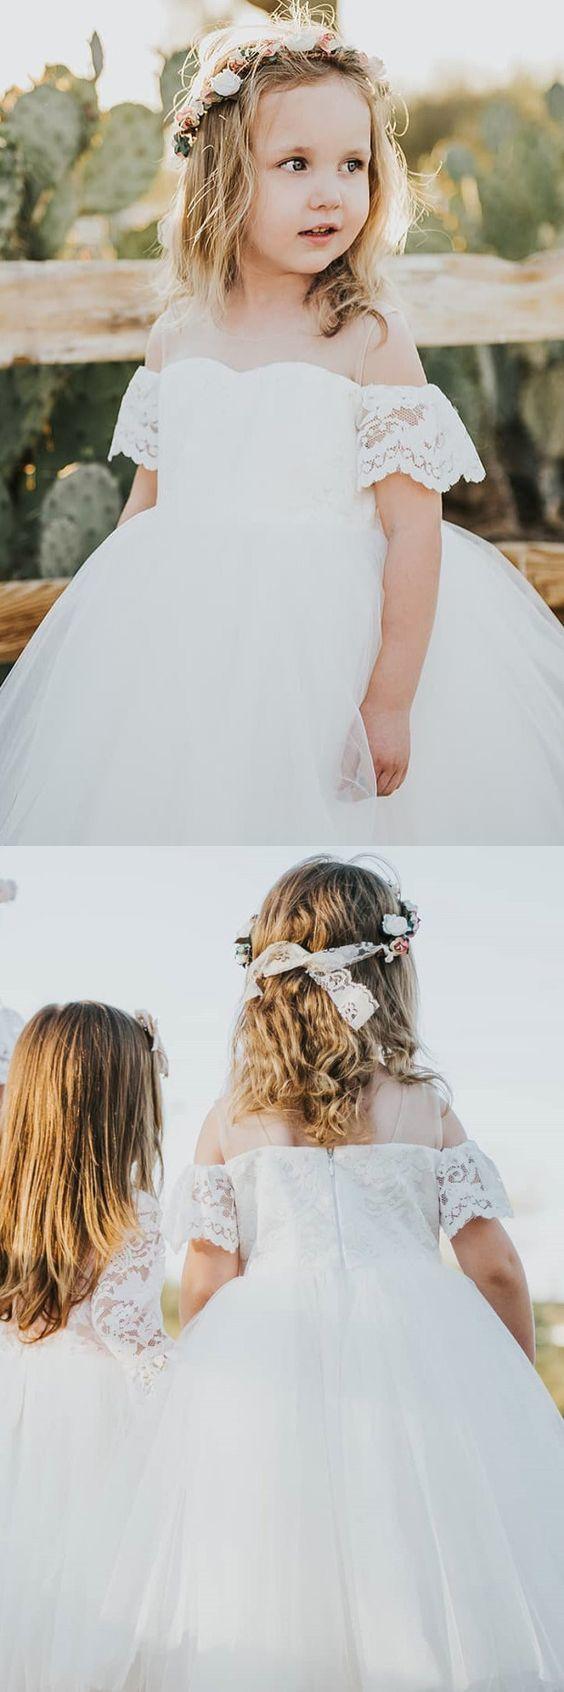 Cute White Flower Girl Dress